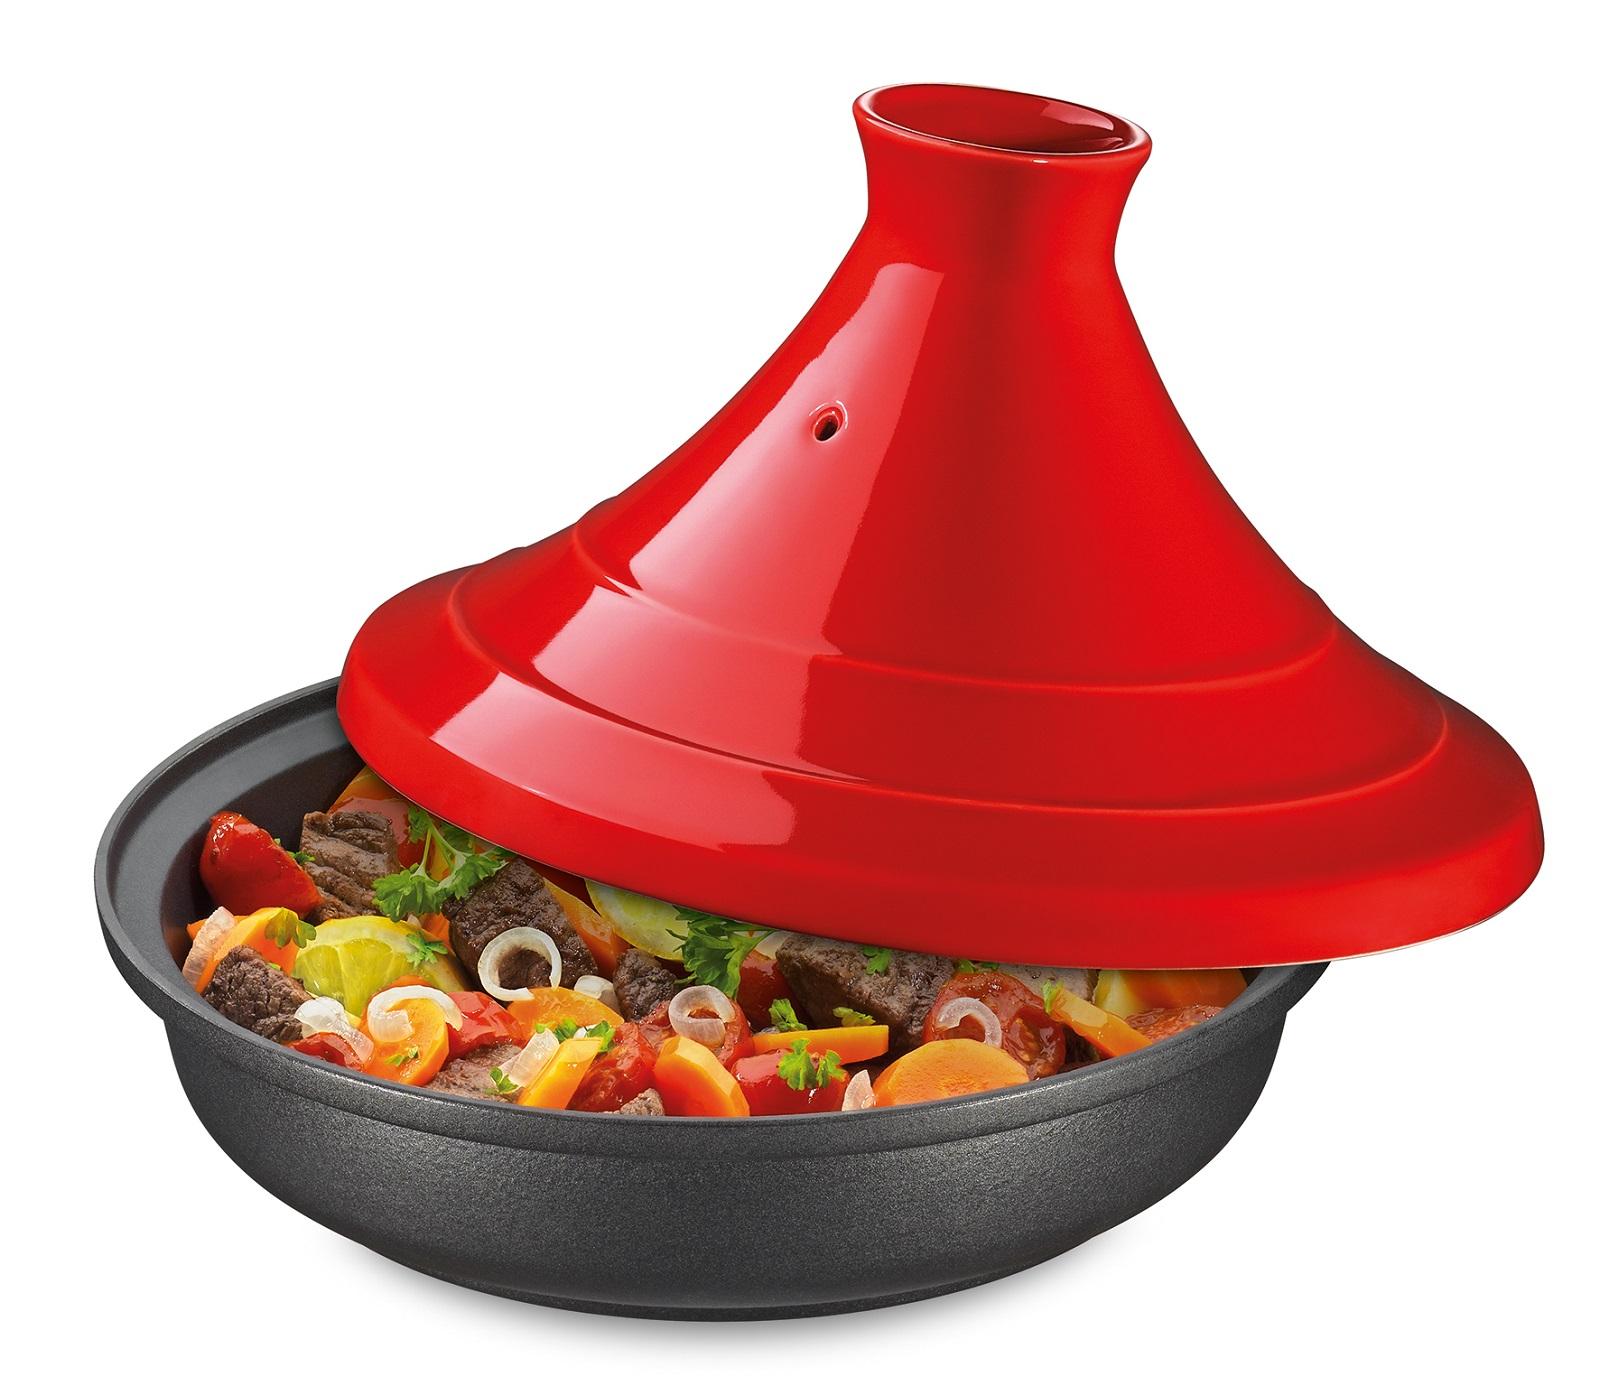 Таджин Spring ESCALE, диаметр 28 см, объем 2 л, красный Spring 12 1538 56 28 фото 1